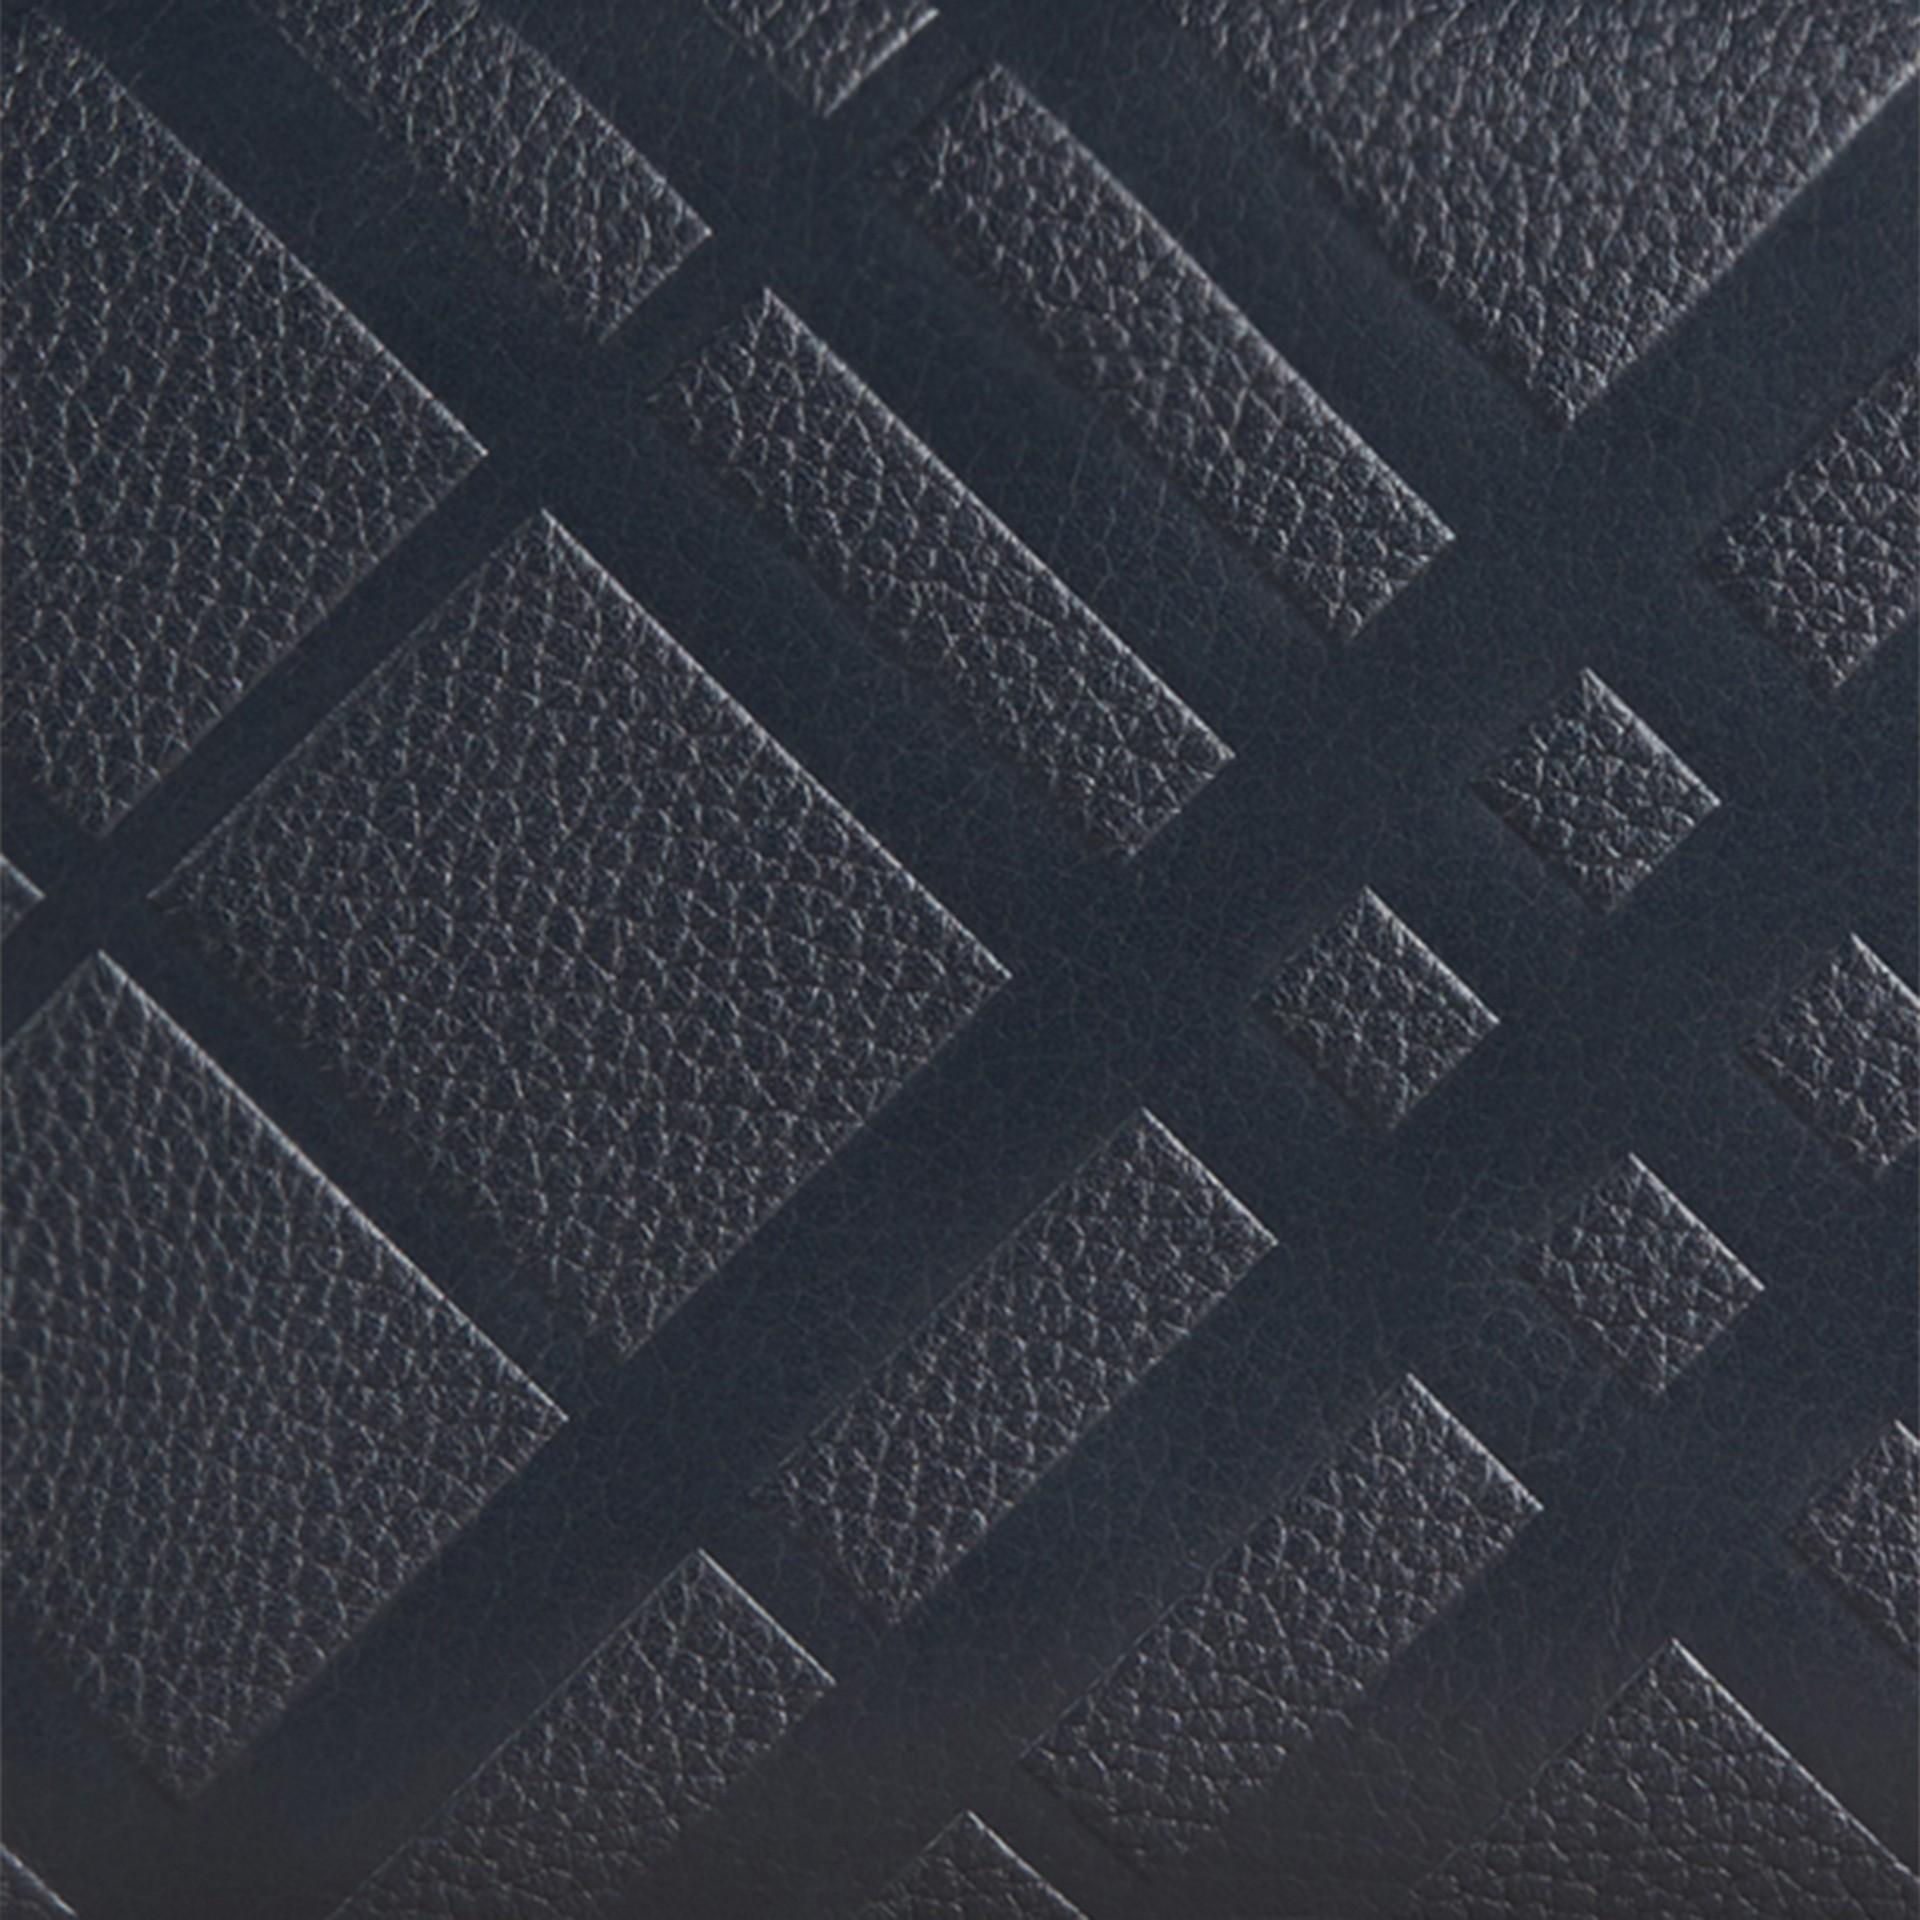 Dunkles zinnblau Check-geprägte Lederbrieftasche mit umlaufendem Reißverschluss Dunkles Zinnblau - Galerie-Bild 2